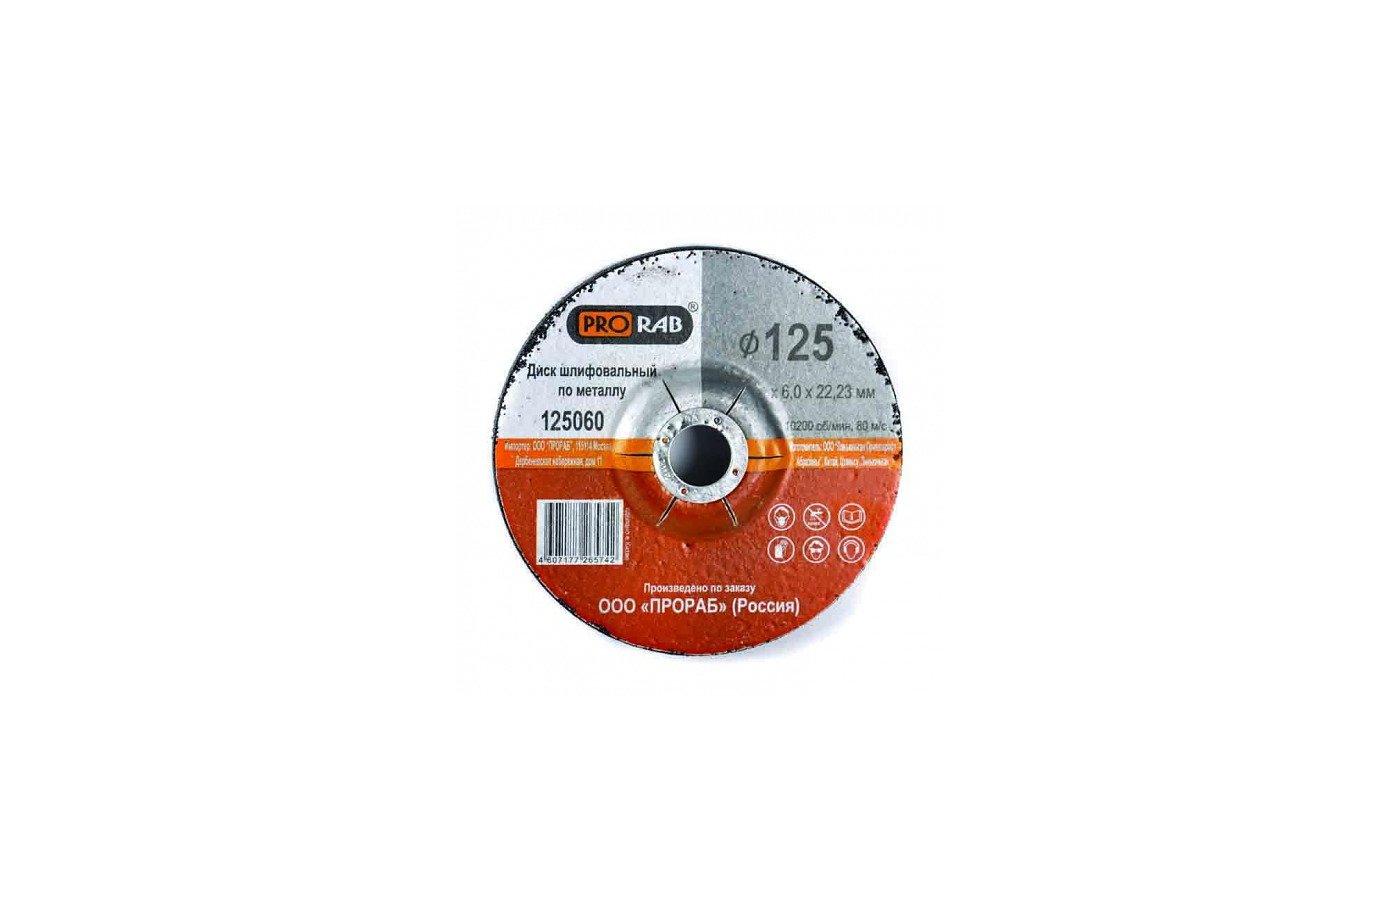 Диск шлифовальный Prorab 125060 круг шлифовальный по металлу